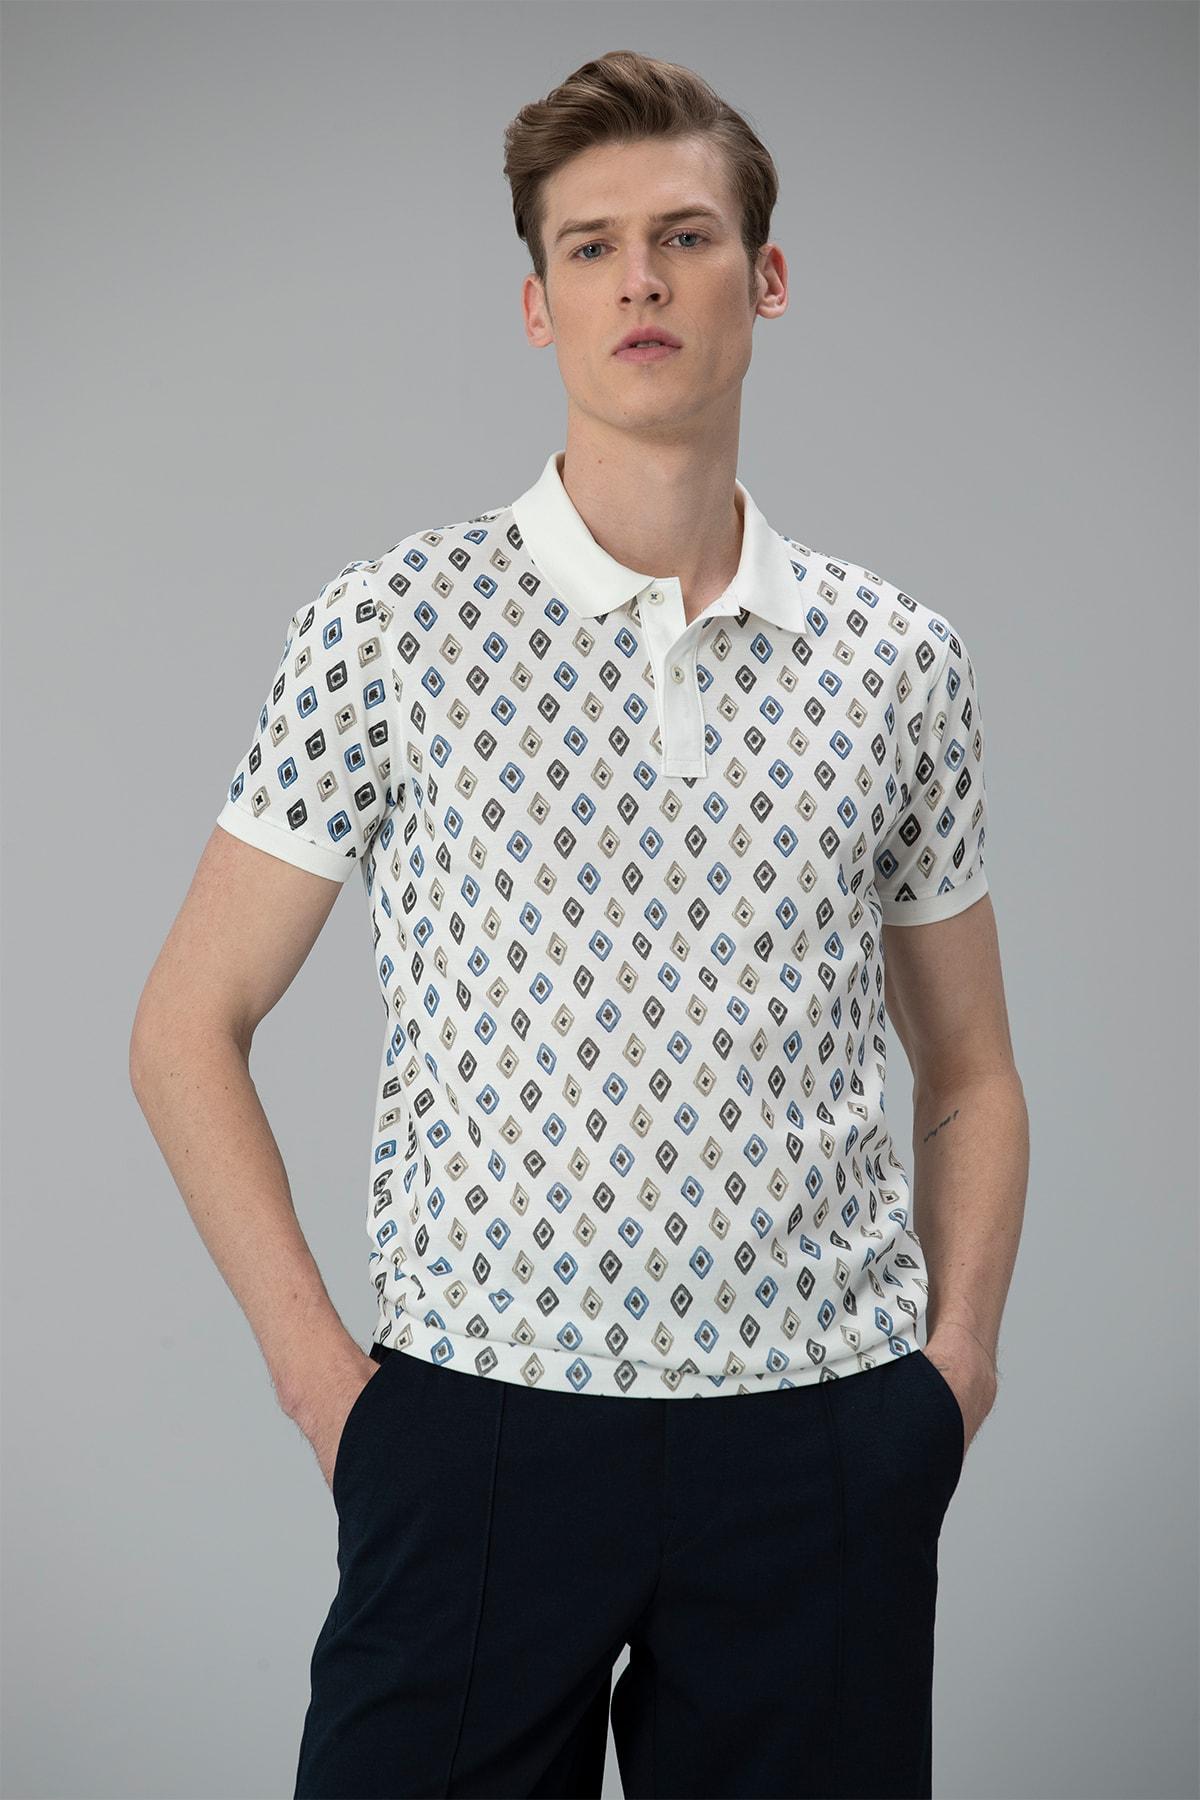 Lufian Saraton Spor Polo T- Shirt Kırık Beyaz